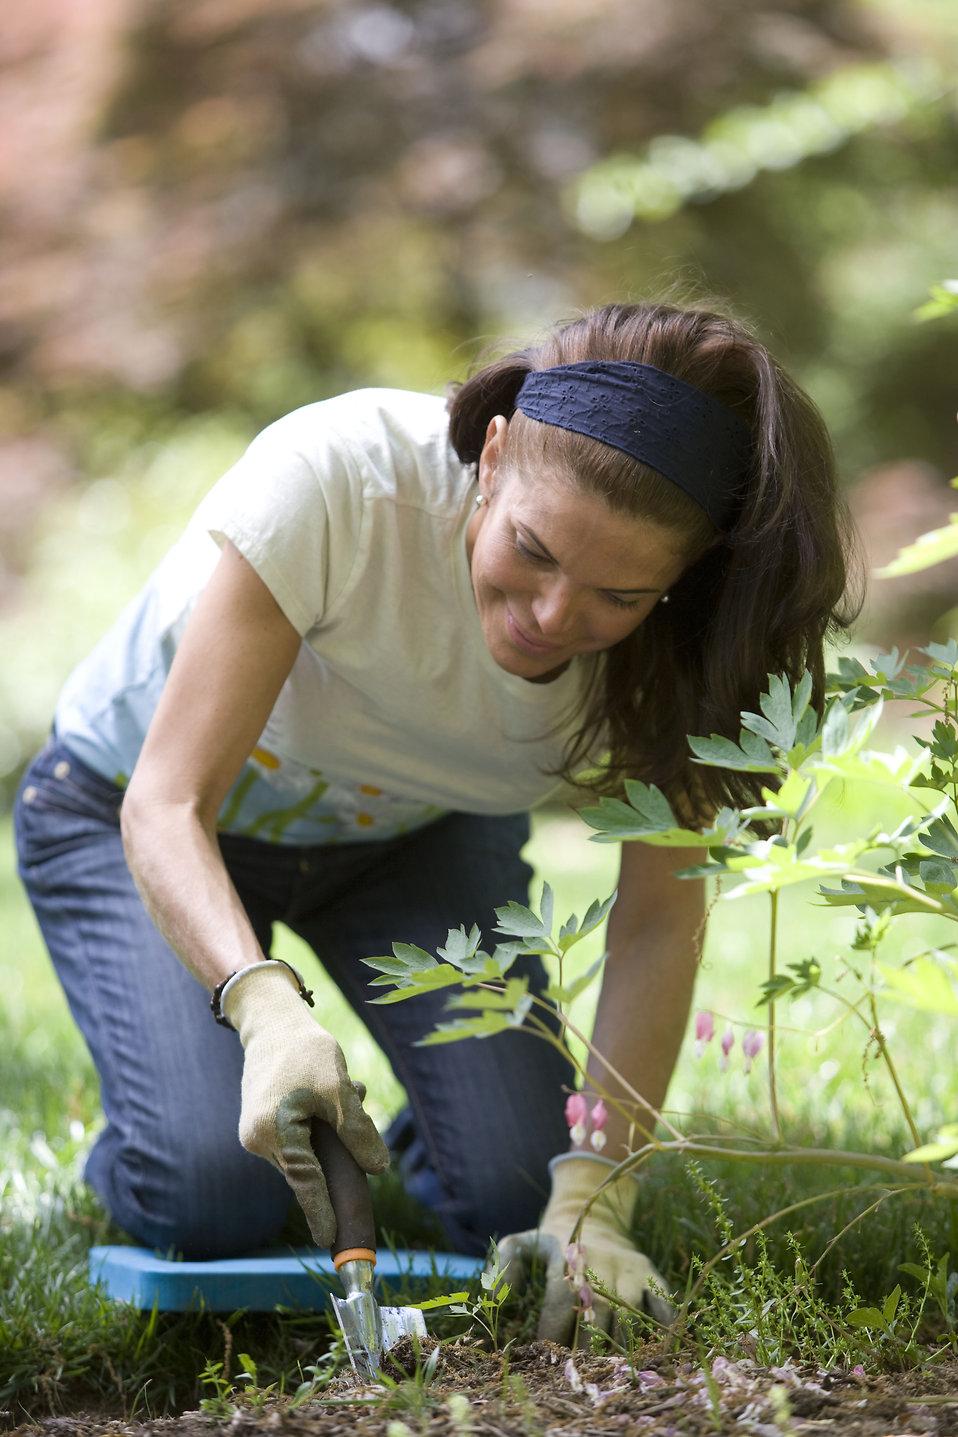 Gardening Free Stock Photo A Woman Enjoying Gardening